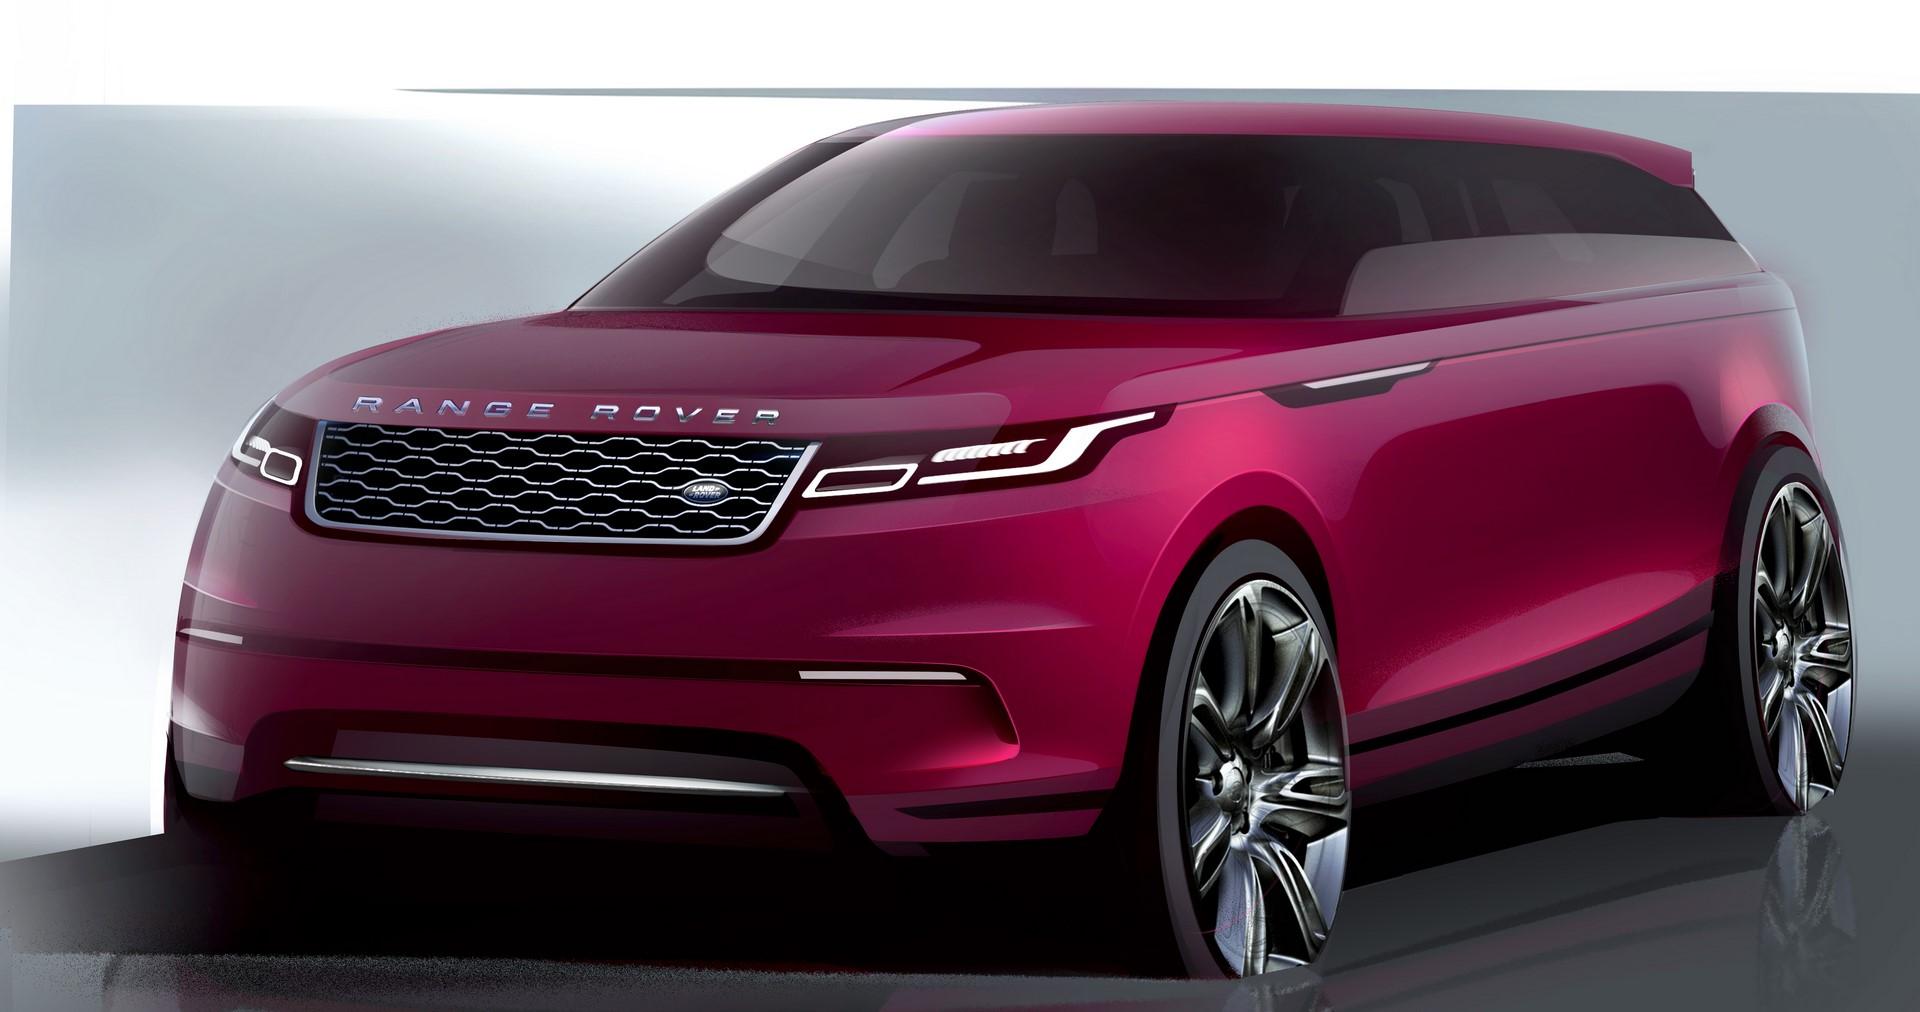 Range Rover Velar 2017 (93)